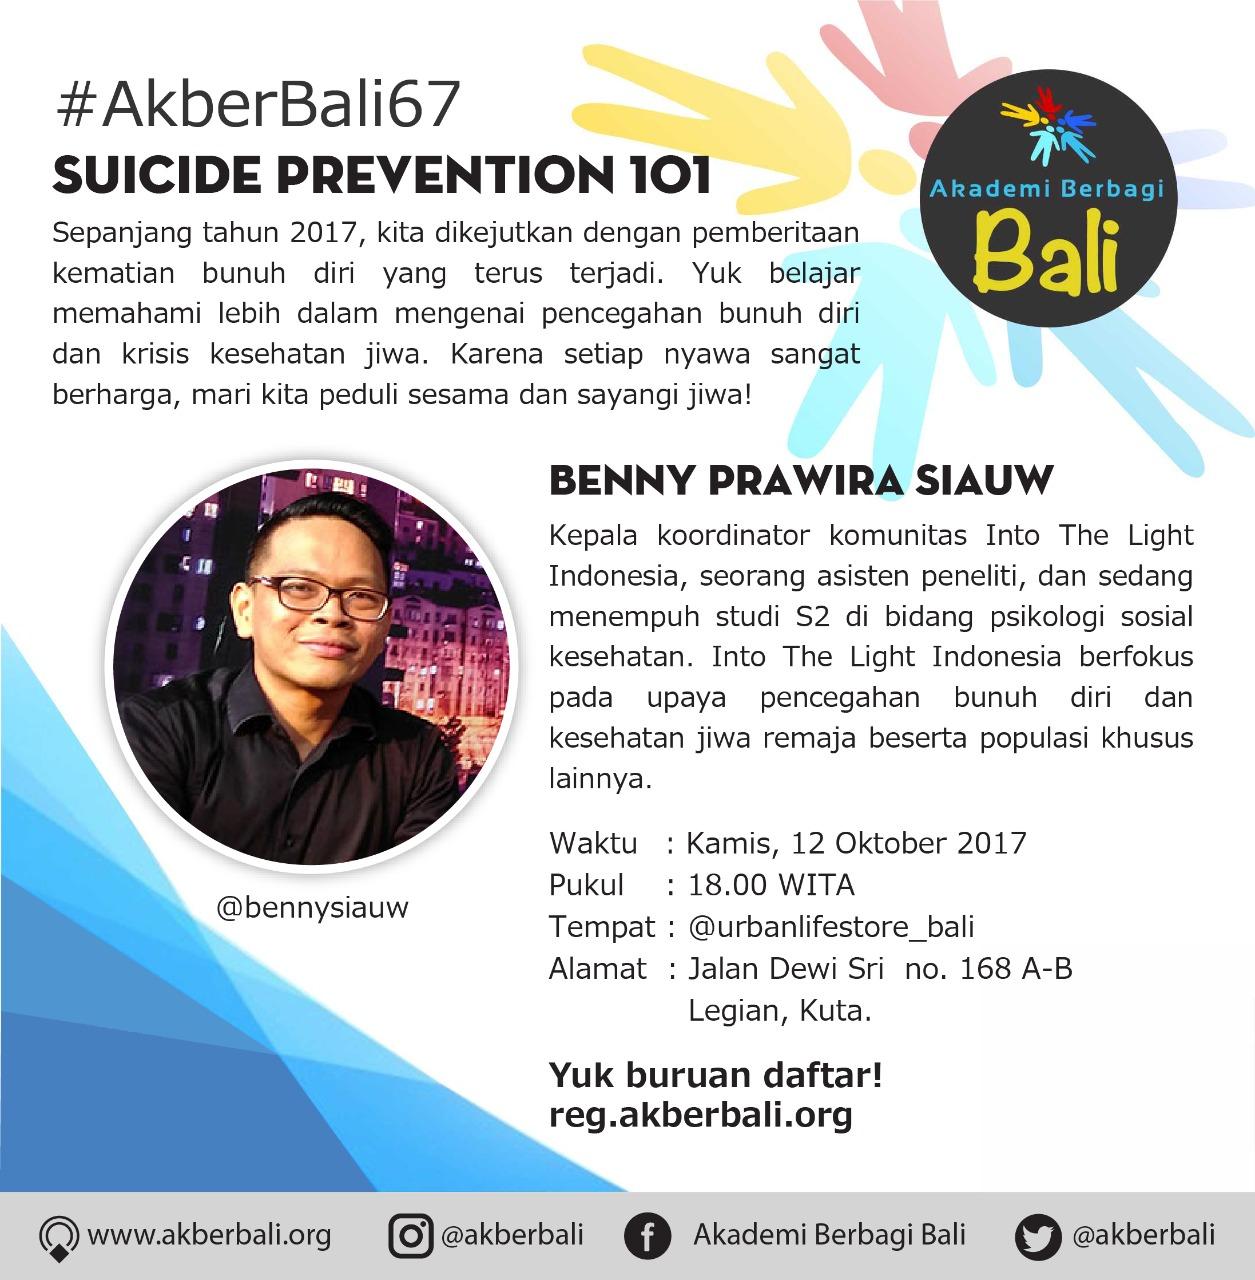 Bali: Suicide Prevention 101